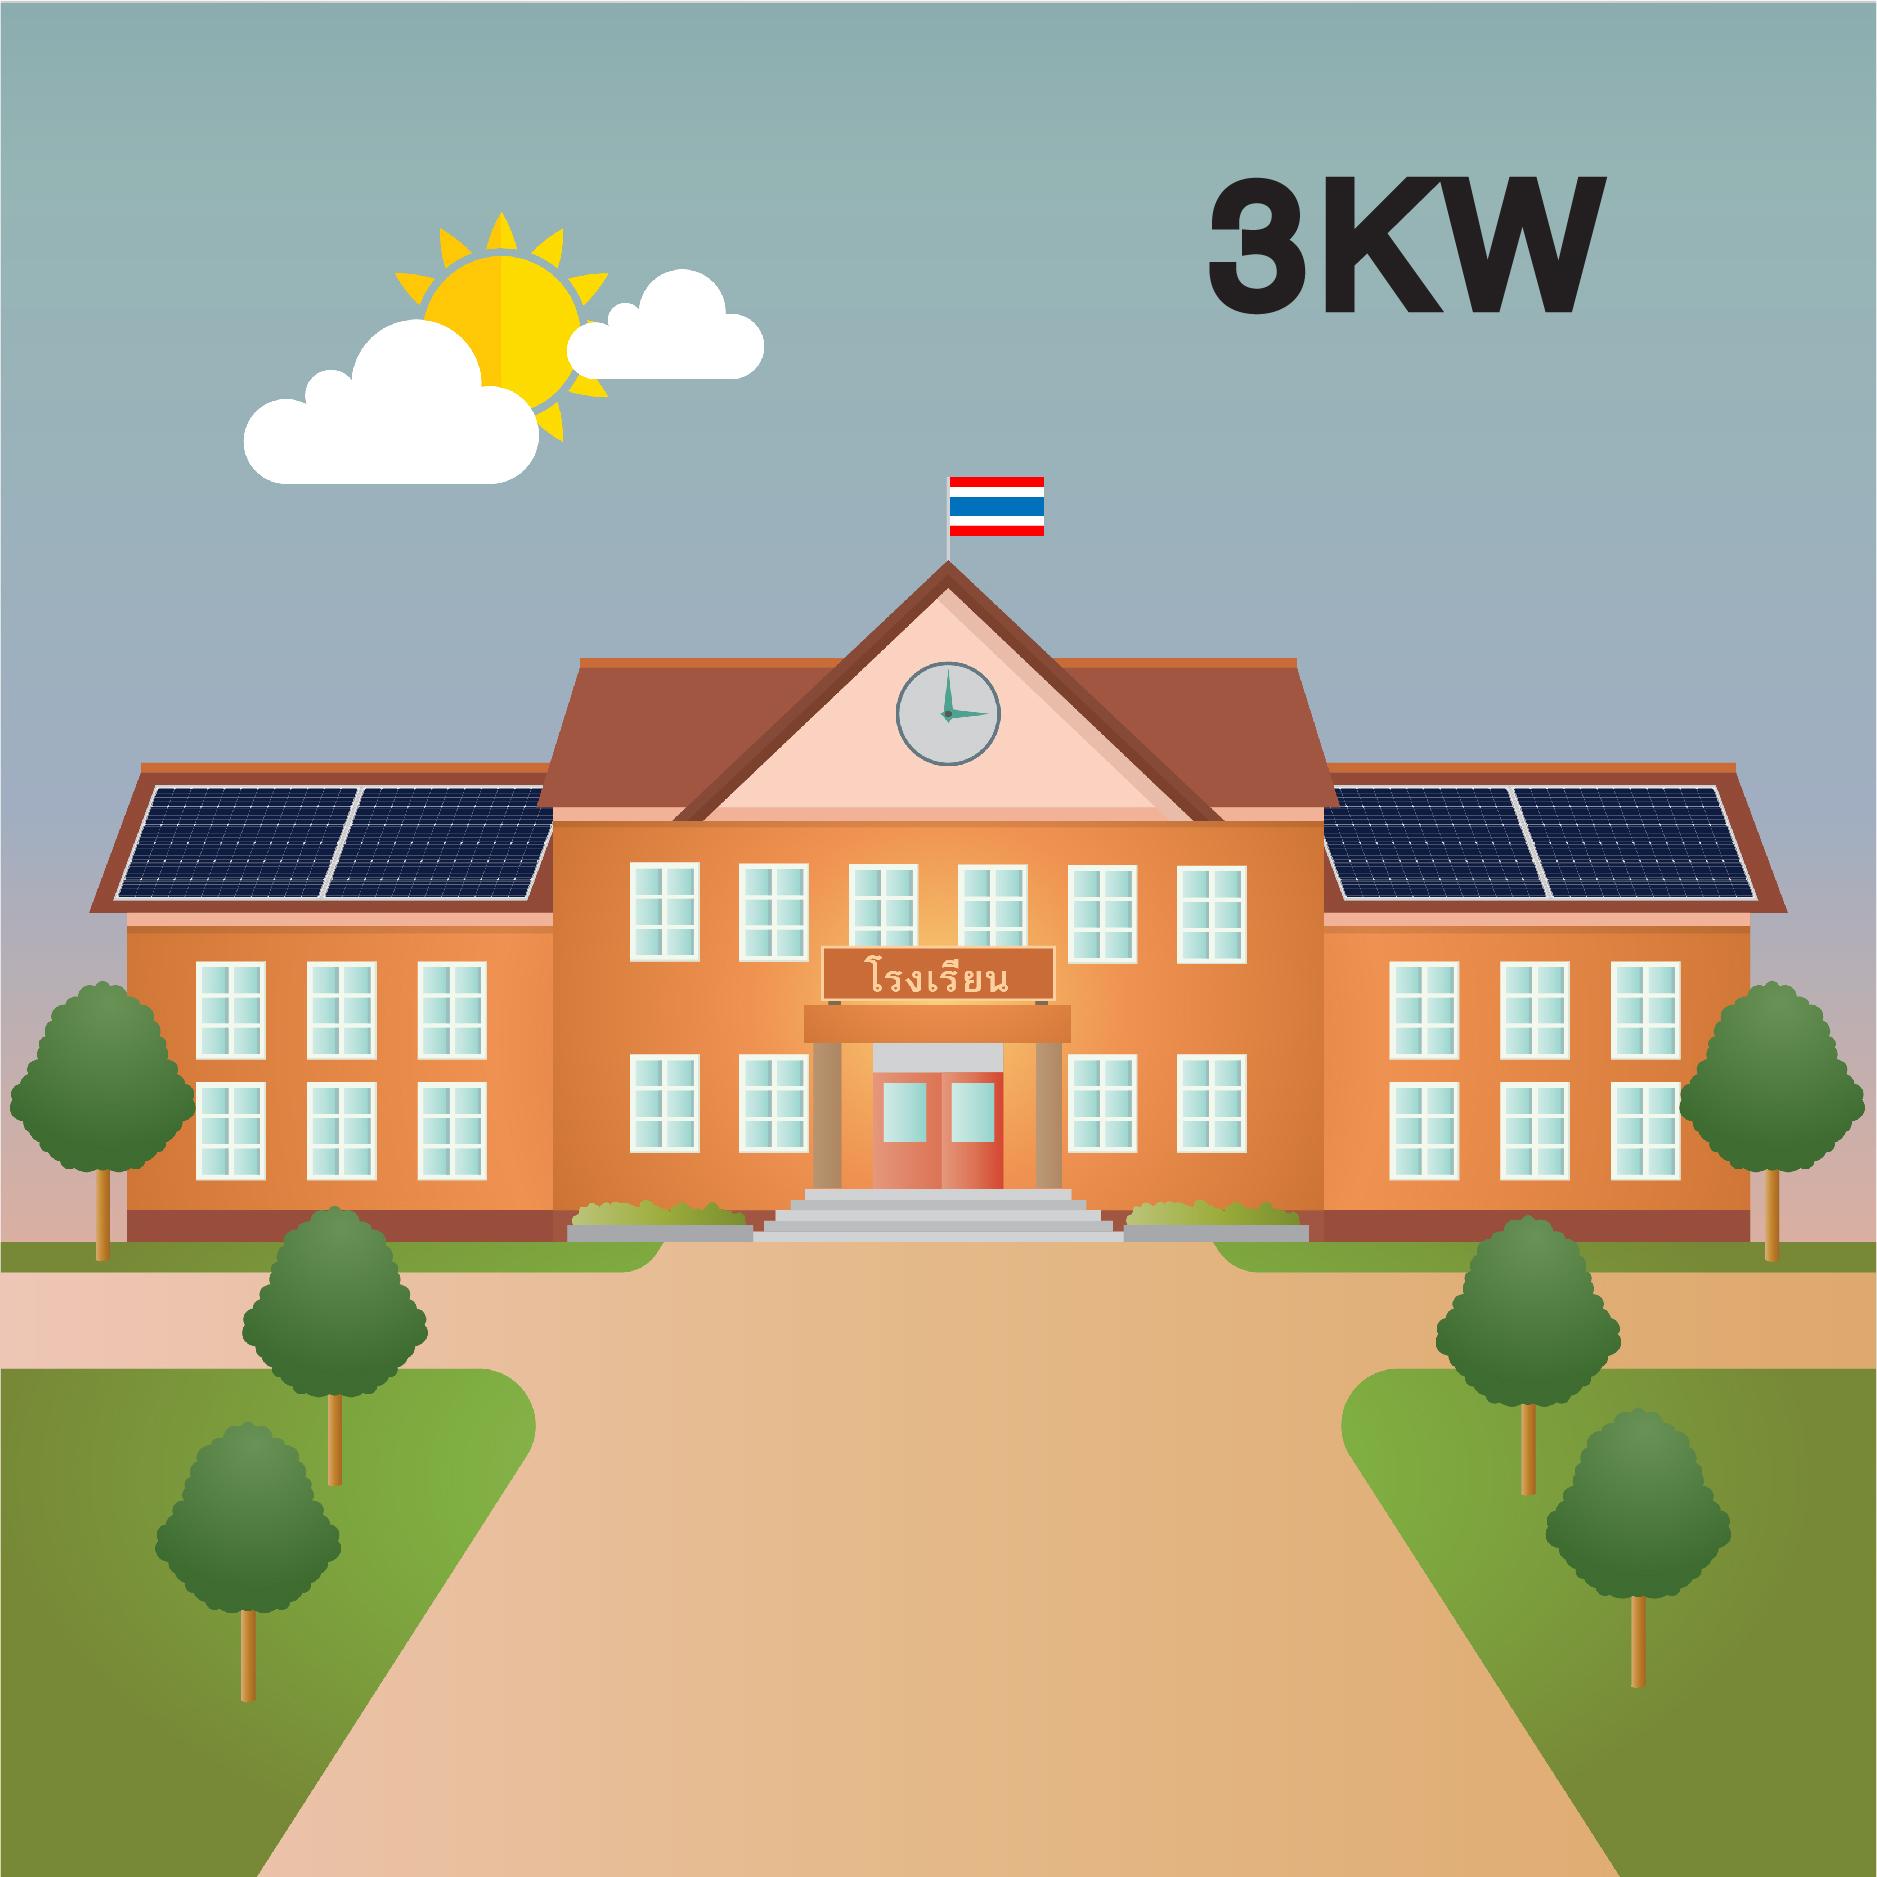 SOLAR ROOFTOP 3KW for SCHOOL